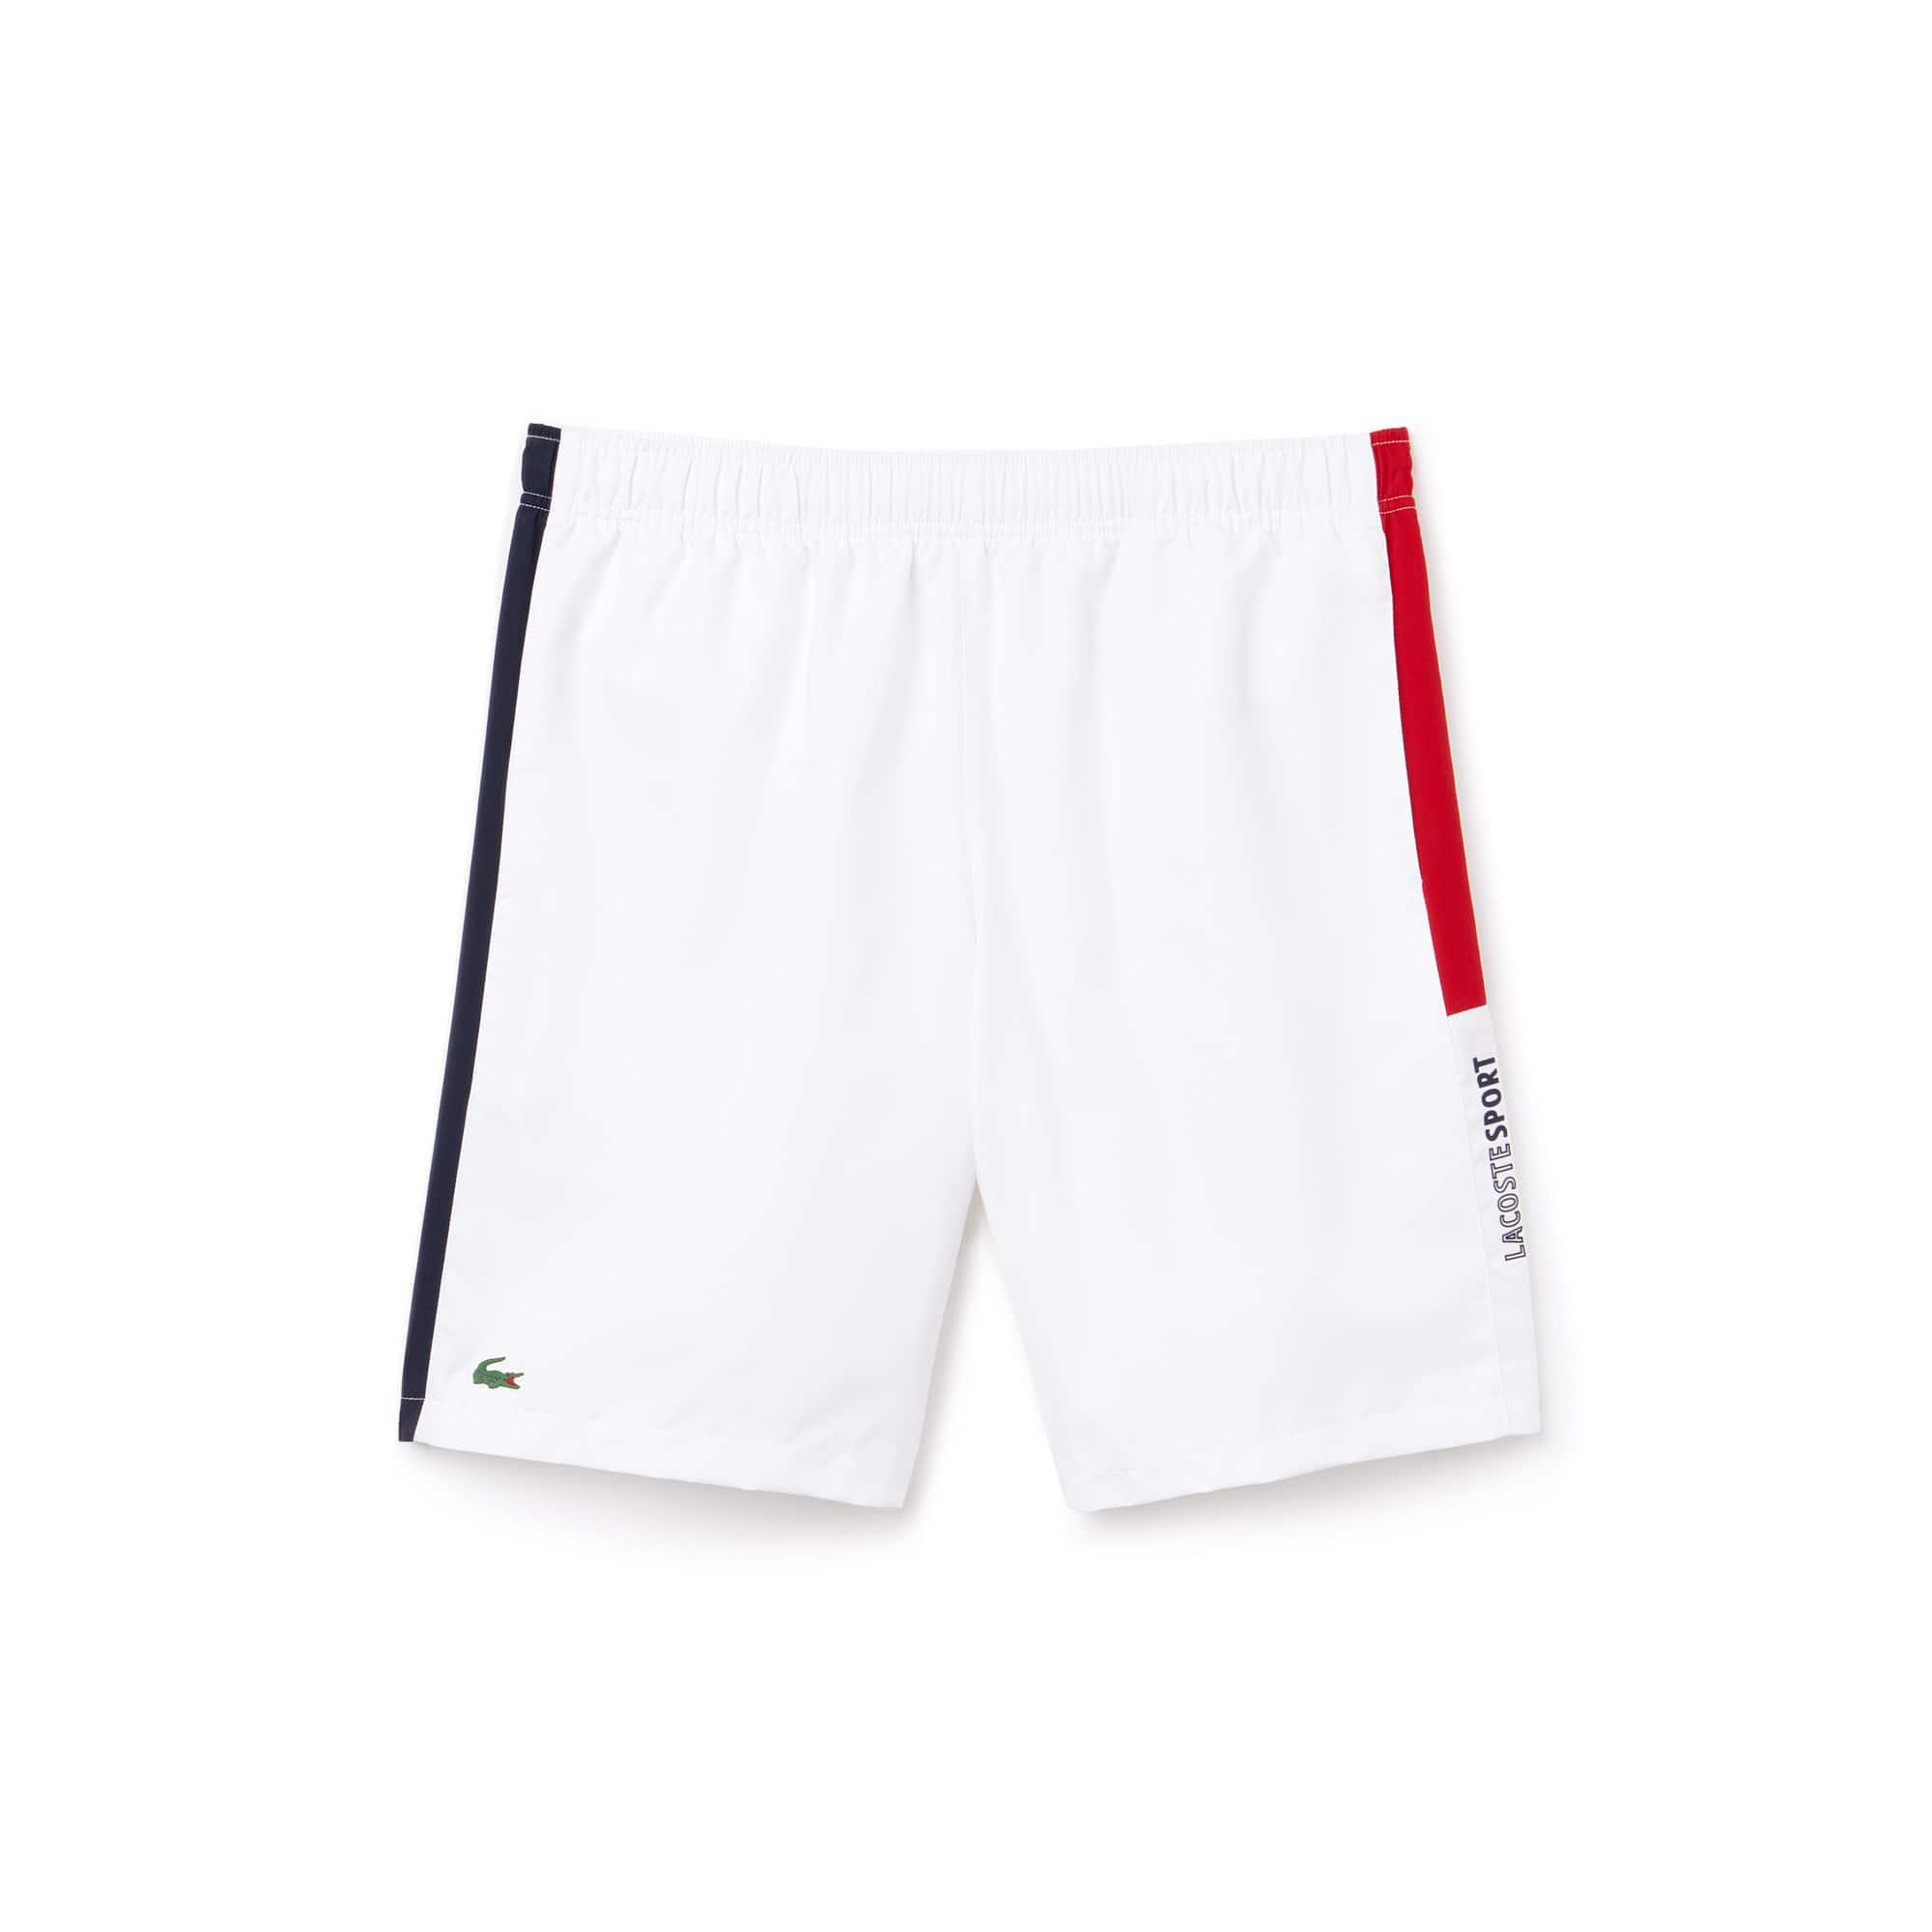 Herren LACOSTE SPORT Taft Tennisshorts mit farbigen Streifen